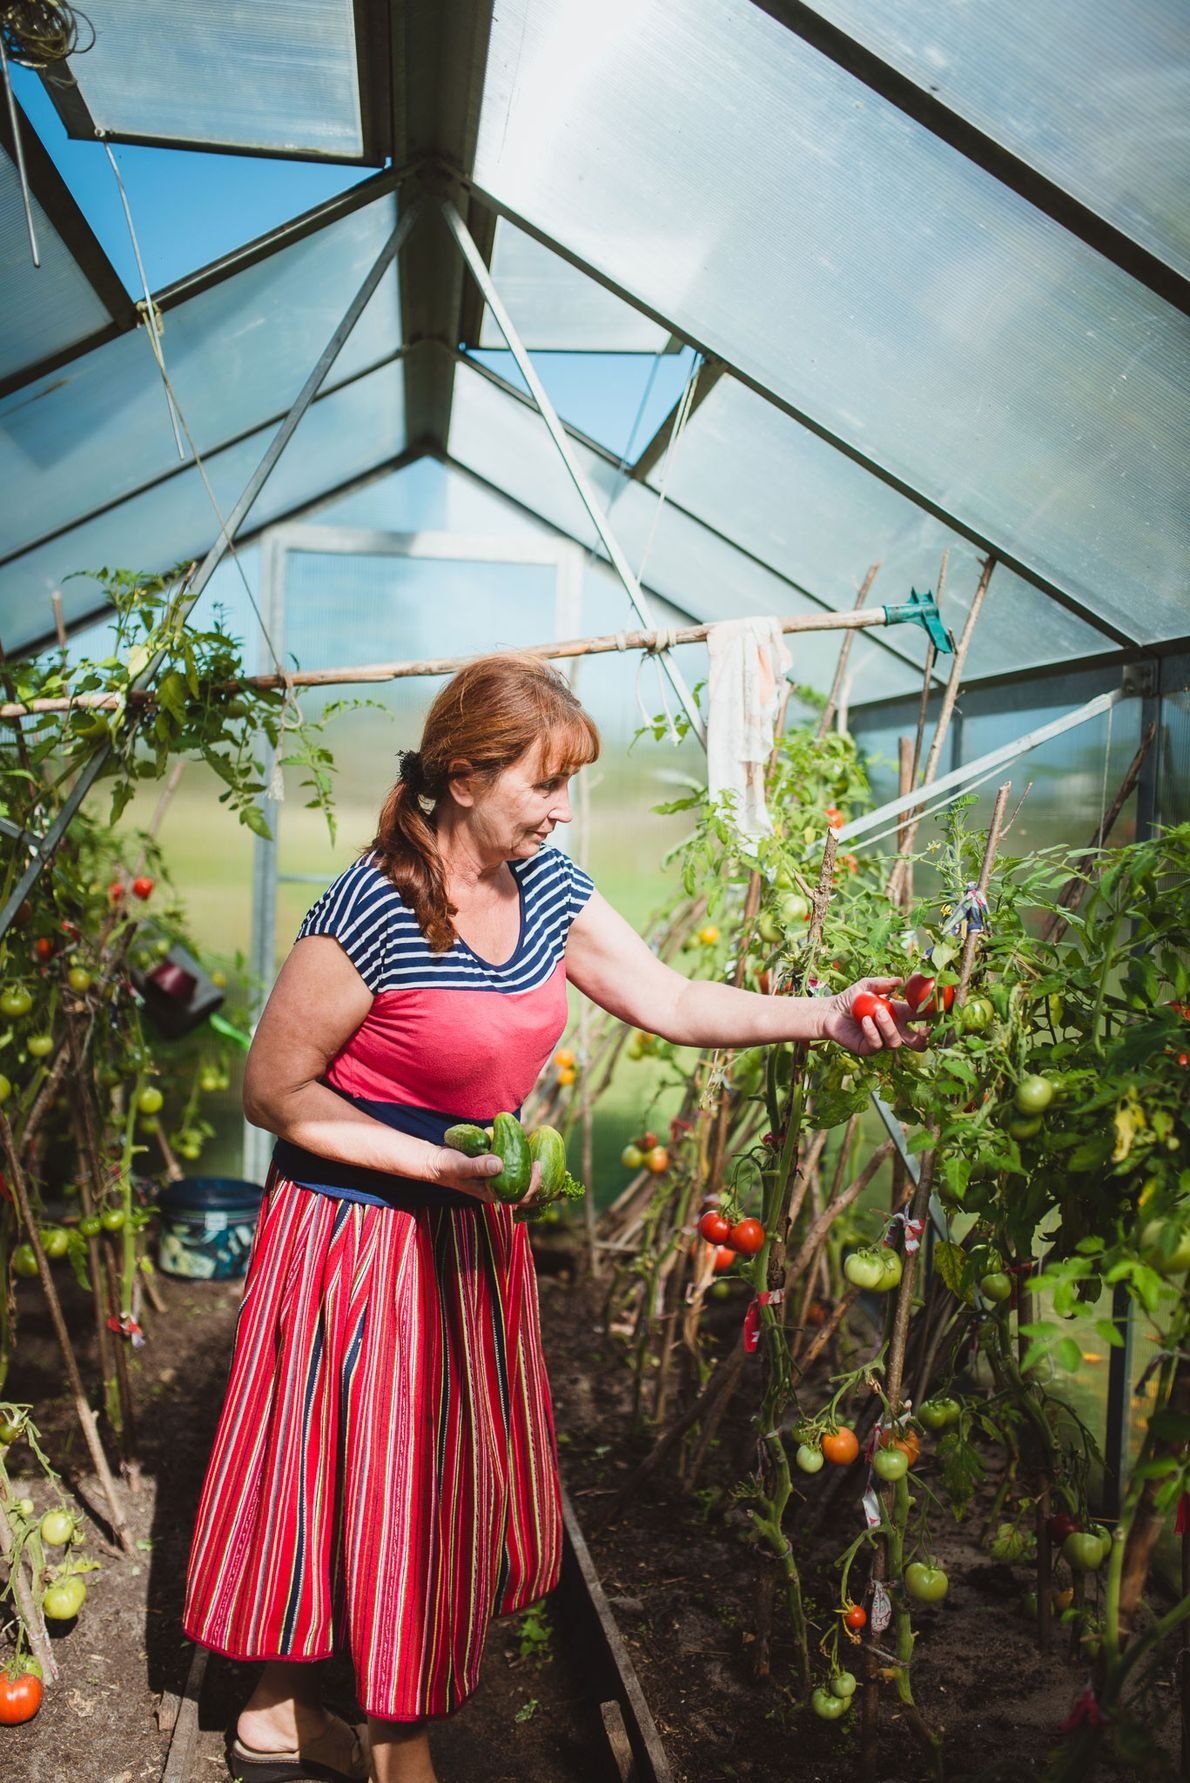 Õie Vesik bei der Tomatenernte in ihrem Gewächshaus. Traditionell kümmerten sich die Frauen um die Landwirtschaft, ...